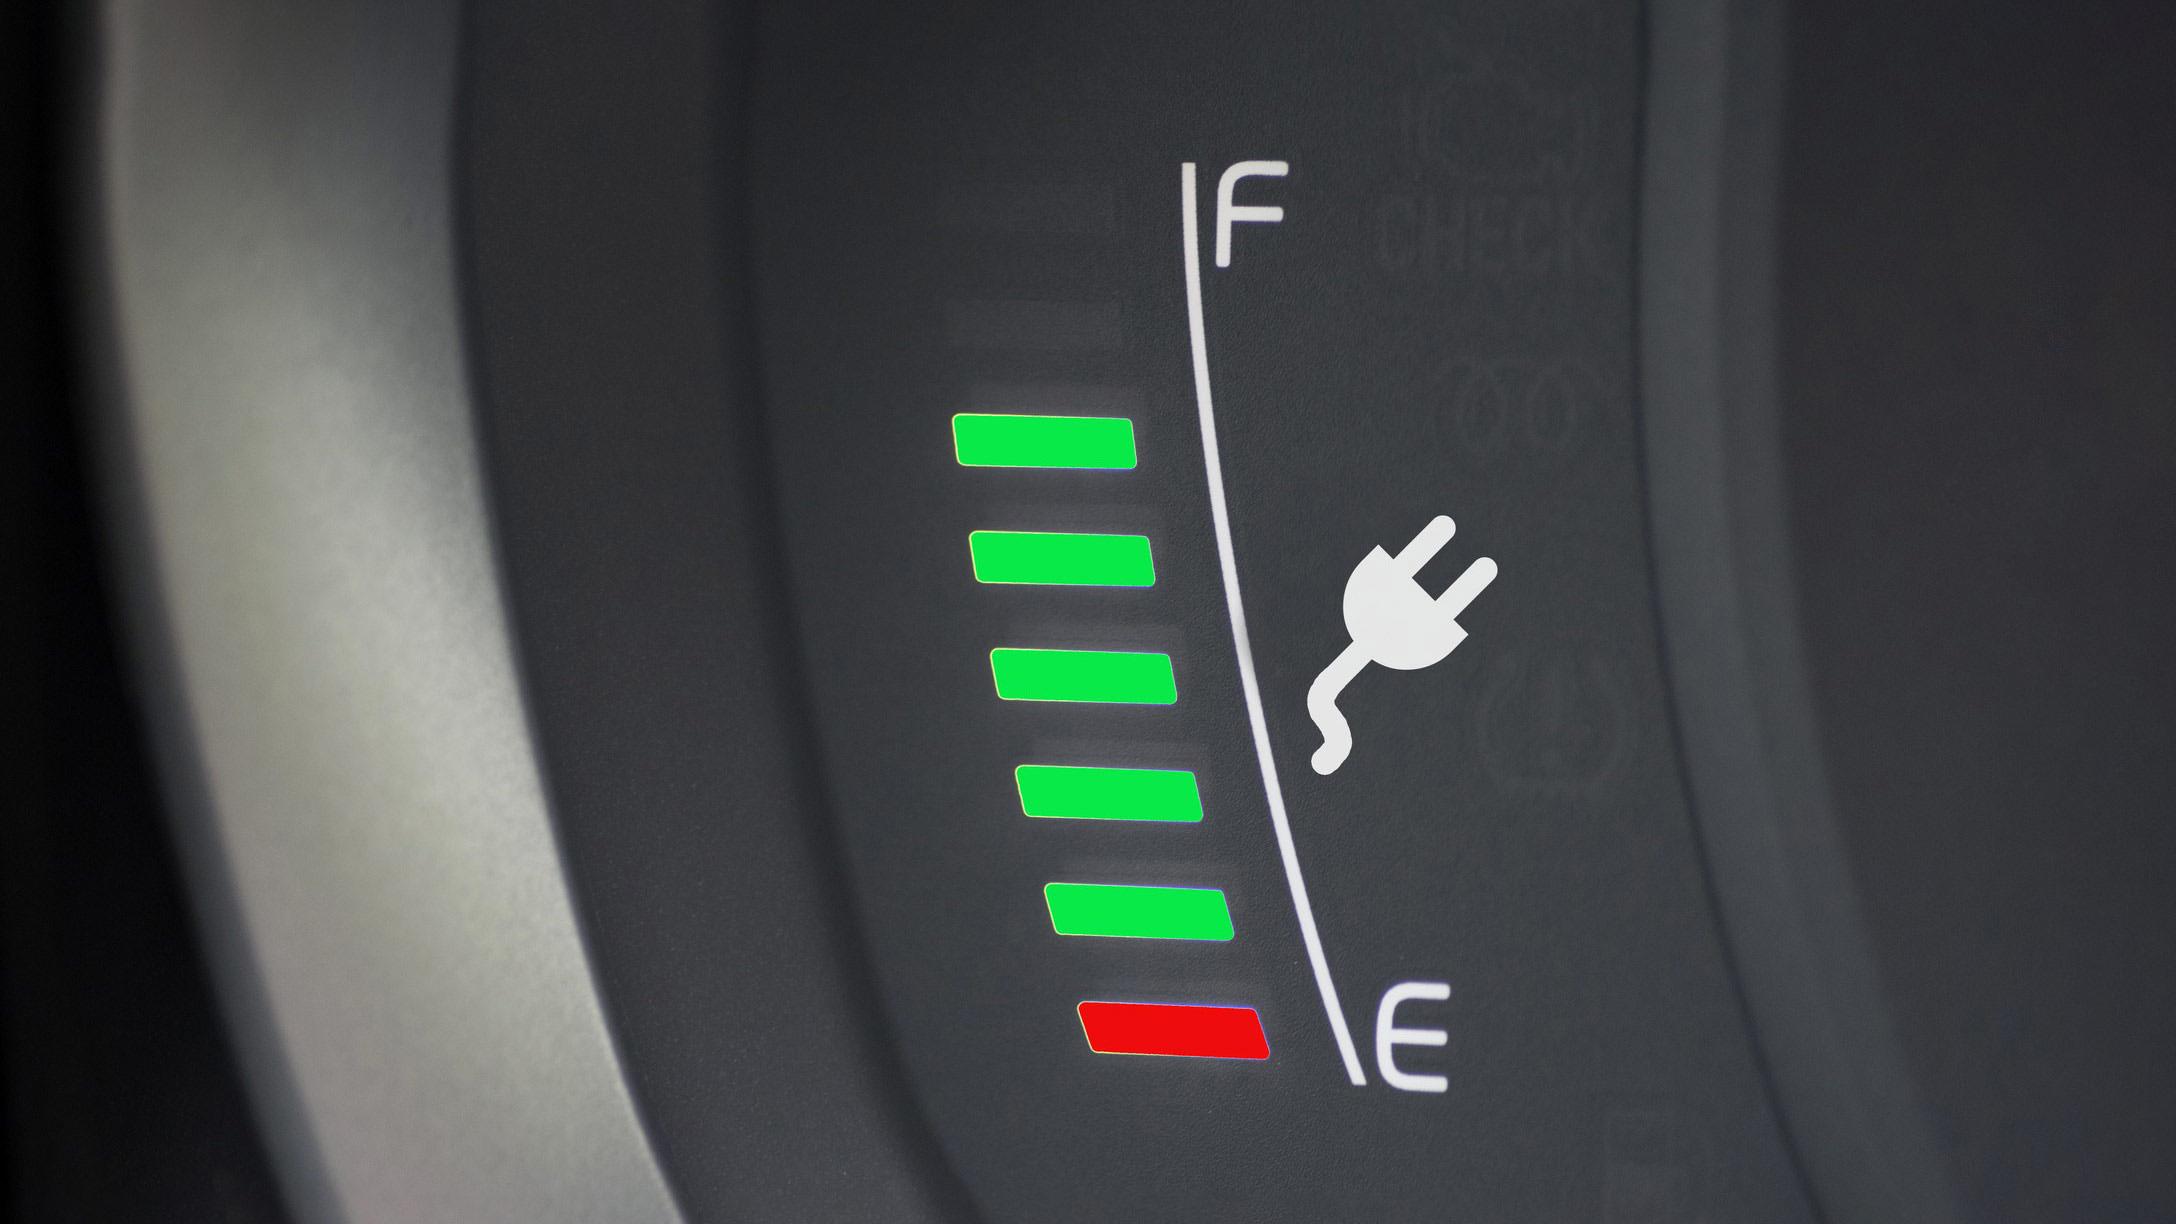 Immagine con icona di ricarica batteria di un veicolo elettrico